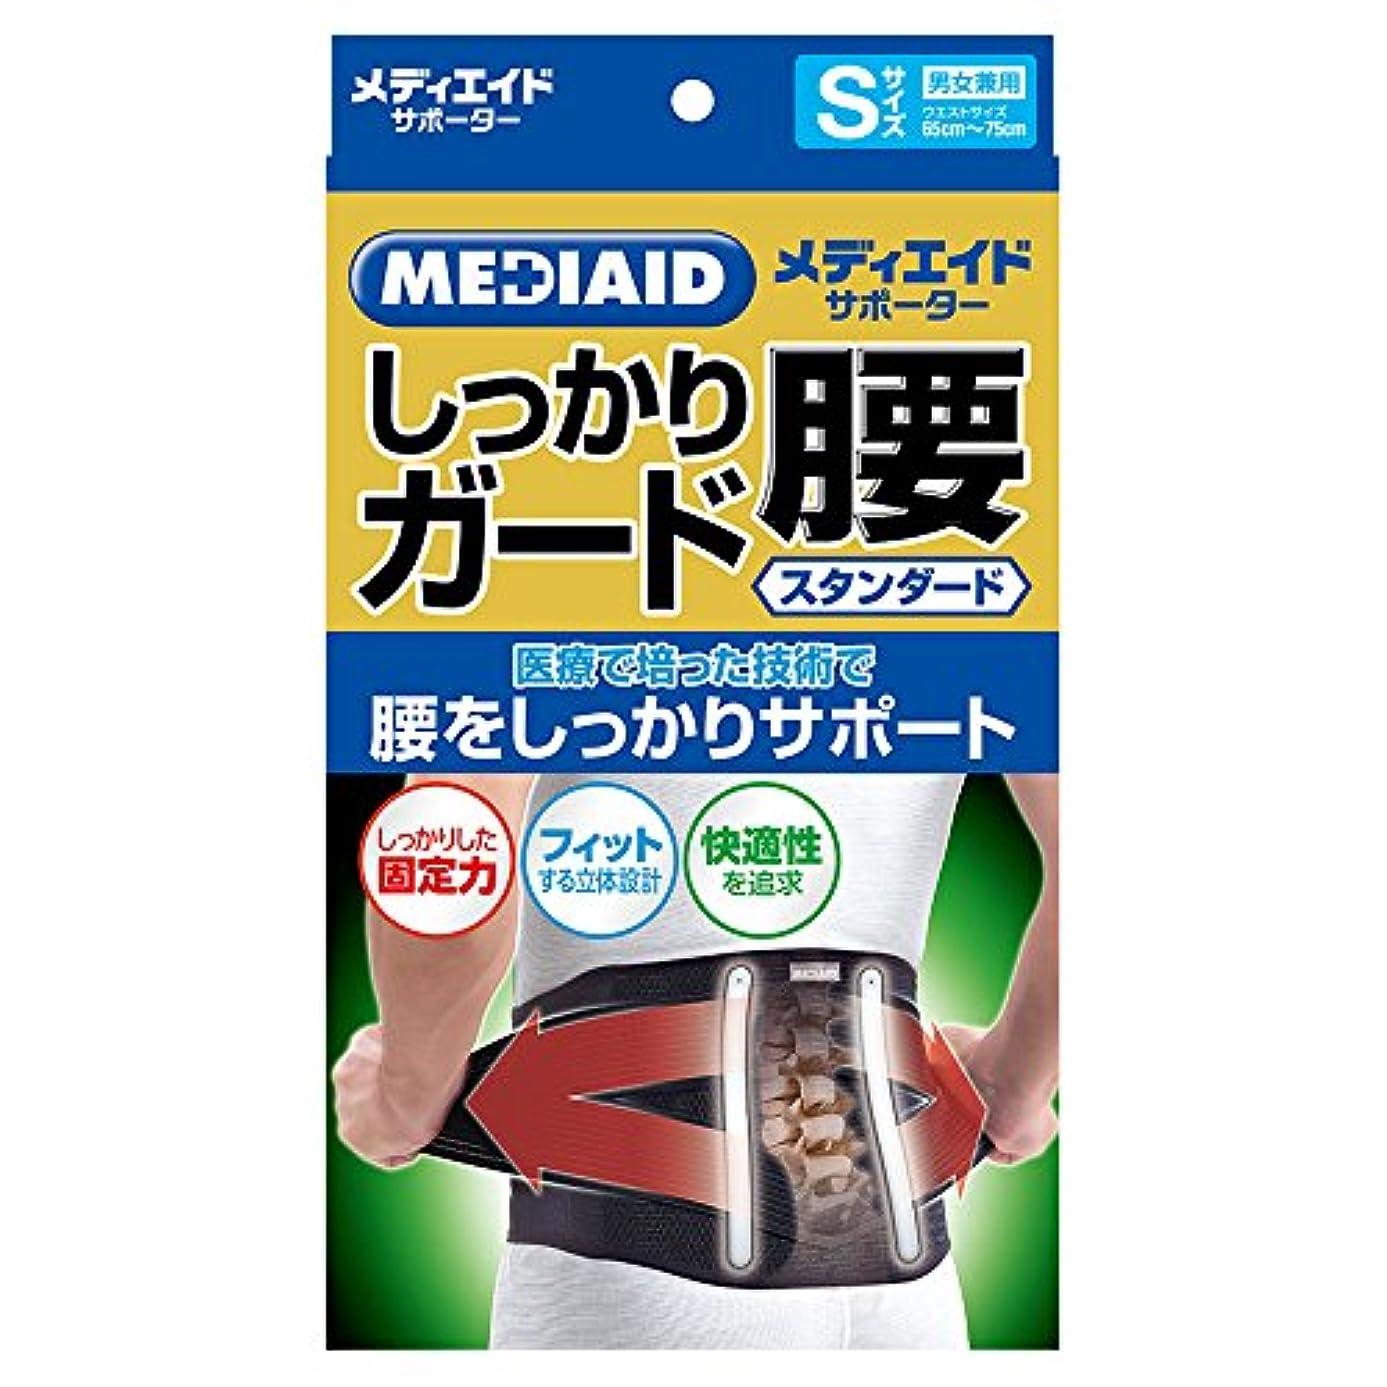 要旨ドリル憤る日本シグマックス メディエイド サポーター しっかりガード 腰 スタンダード S ブラック 男女兼用 コルセット